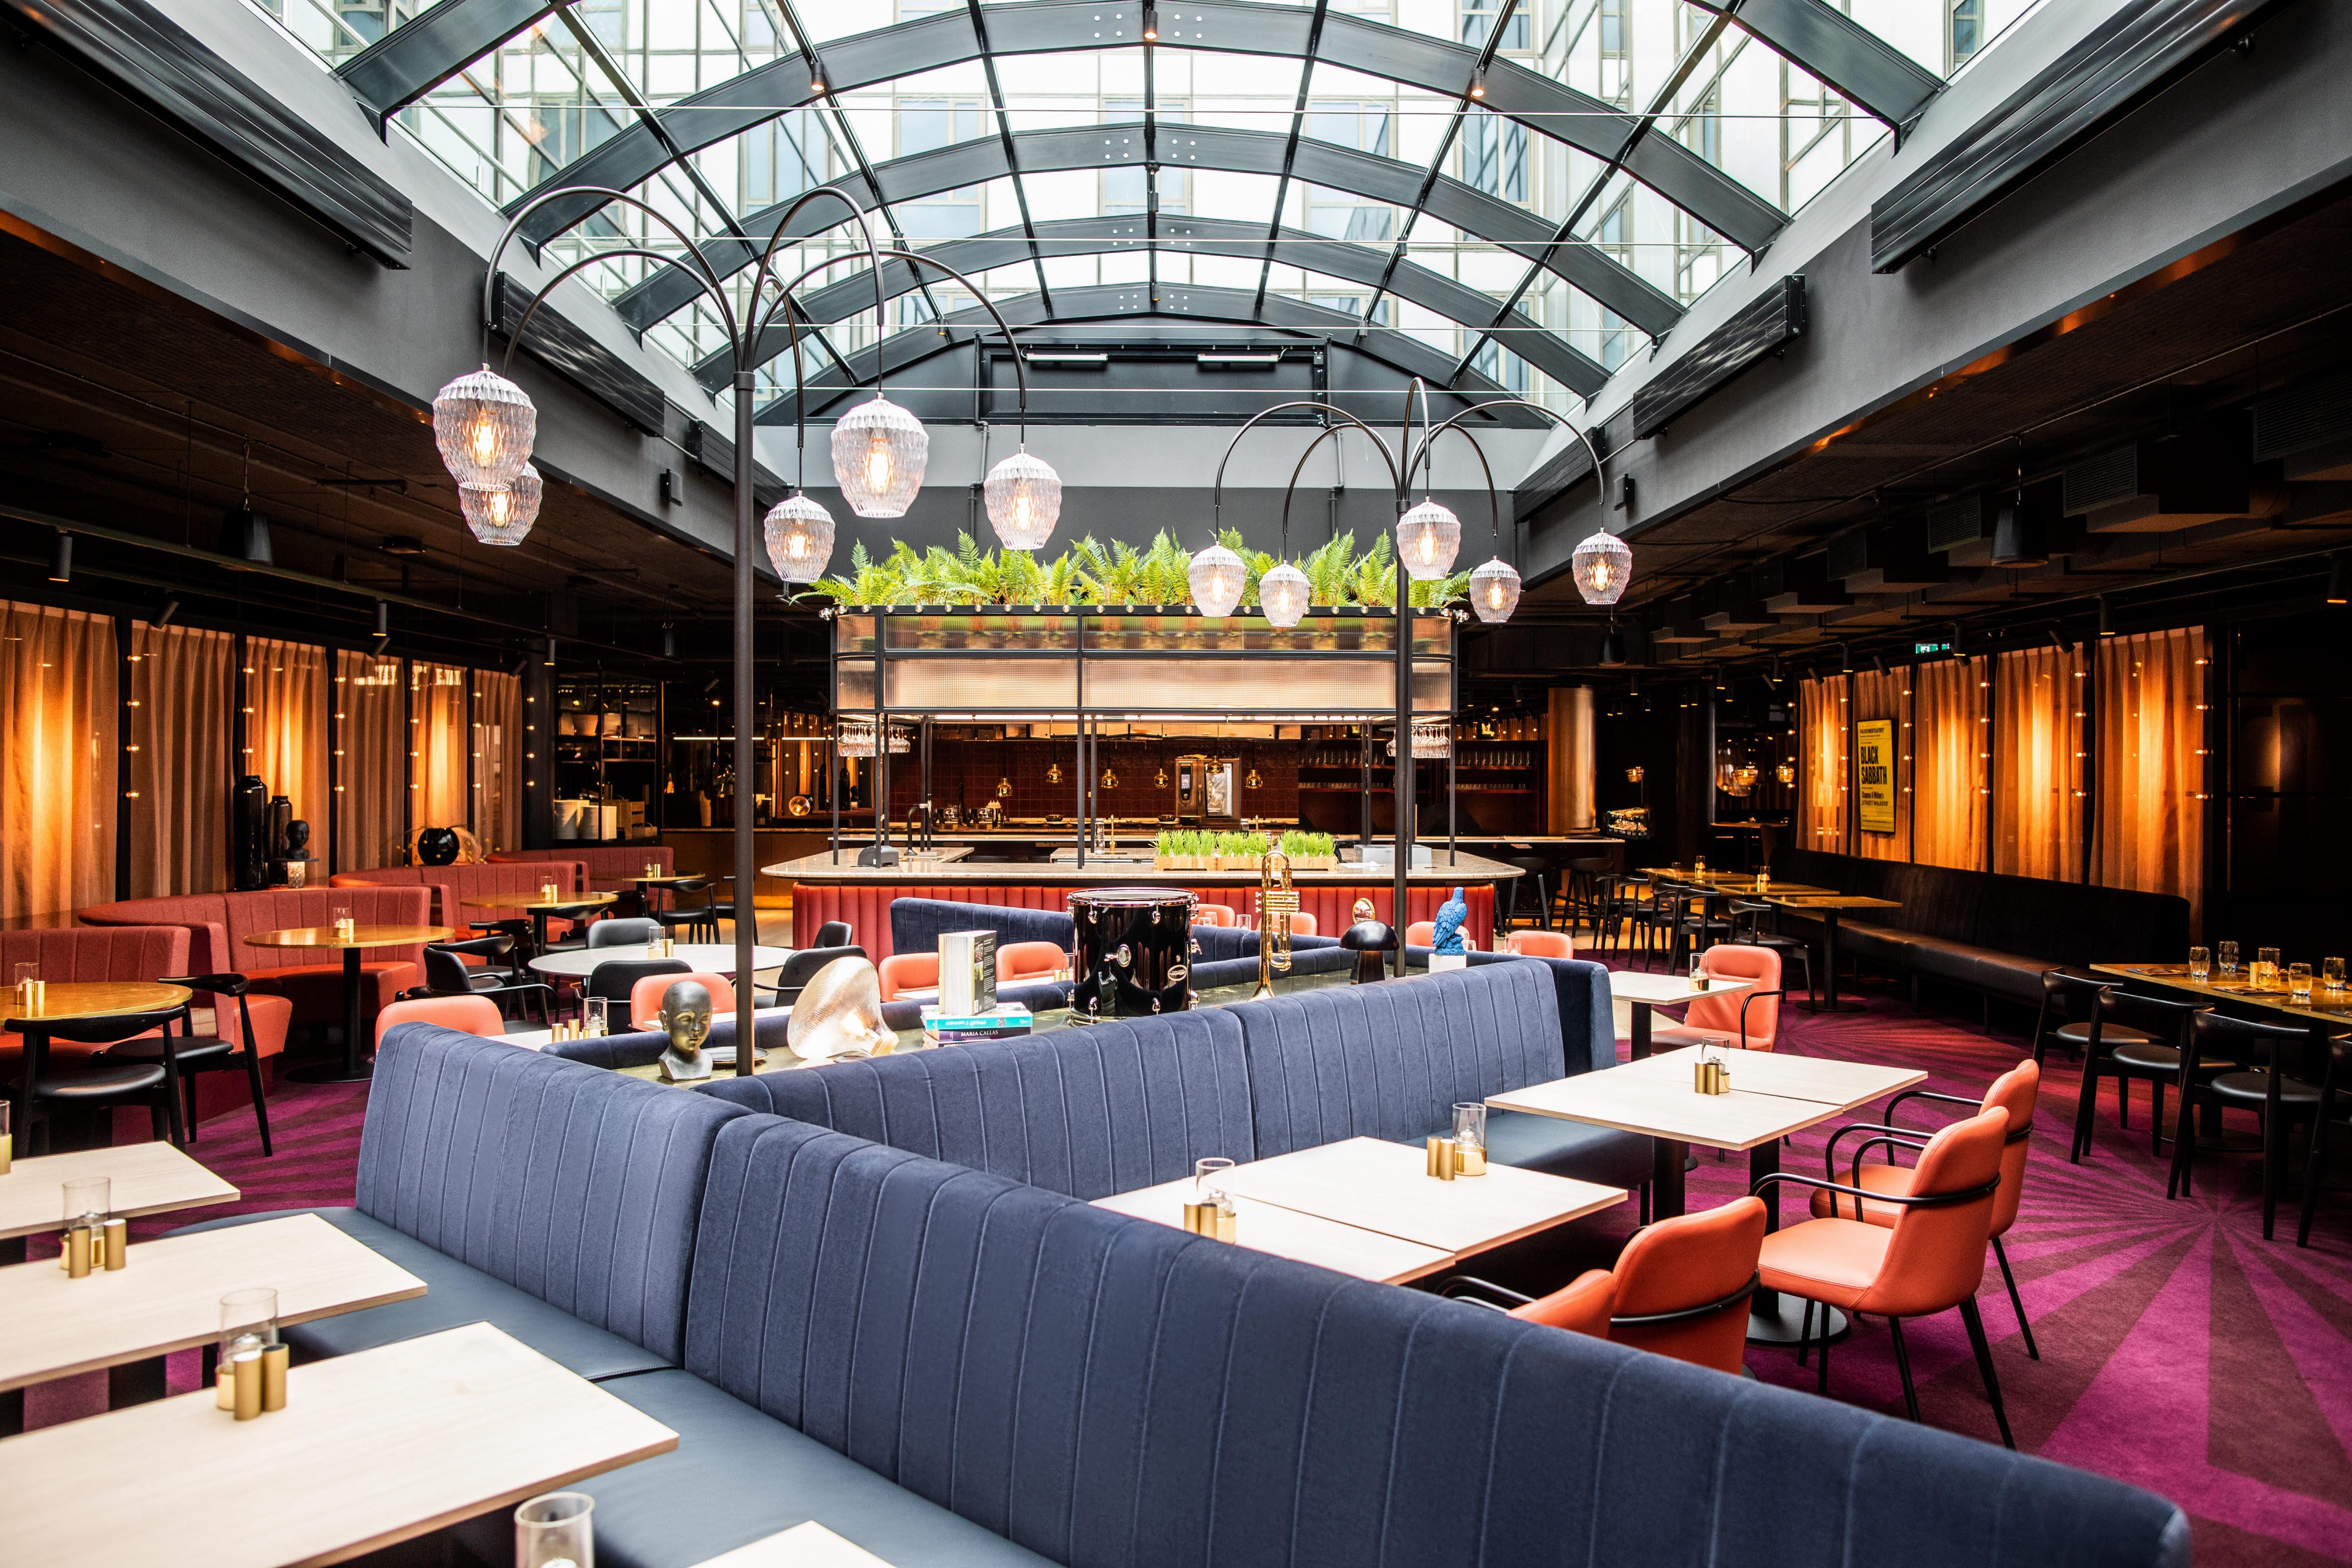 Green Room Restaurant & Bar